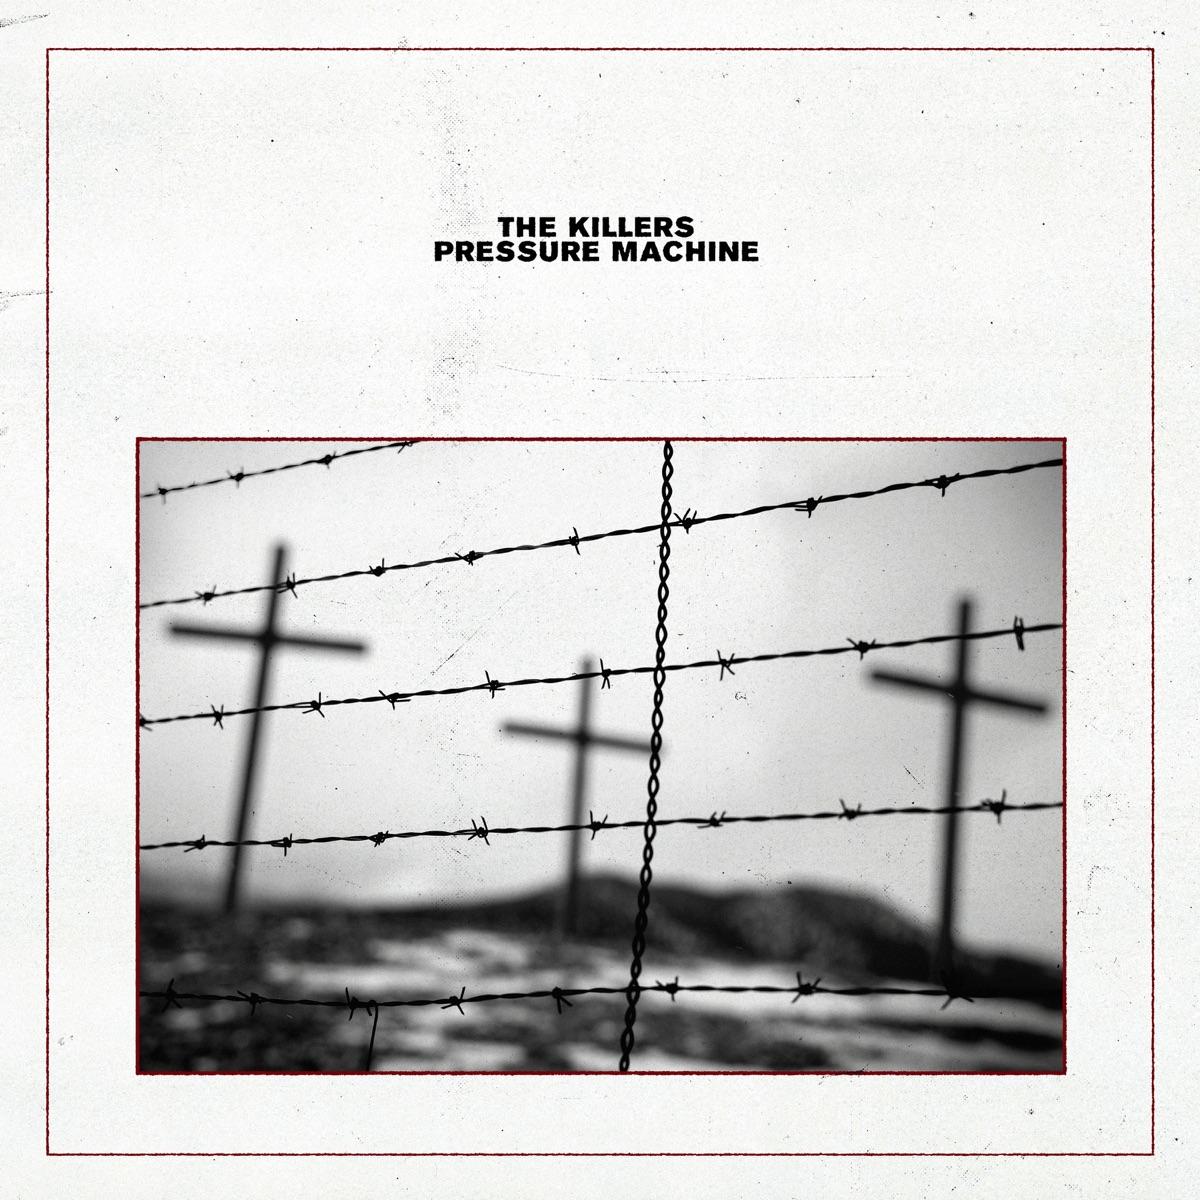 Cover of music album Pressure Machine